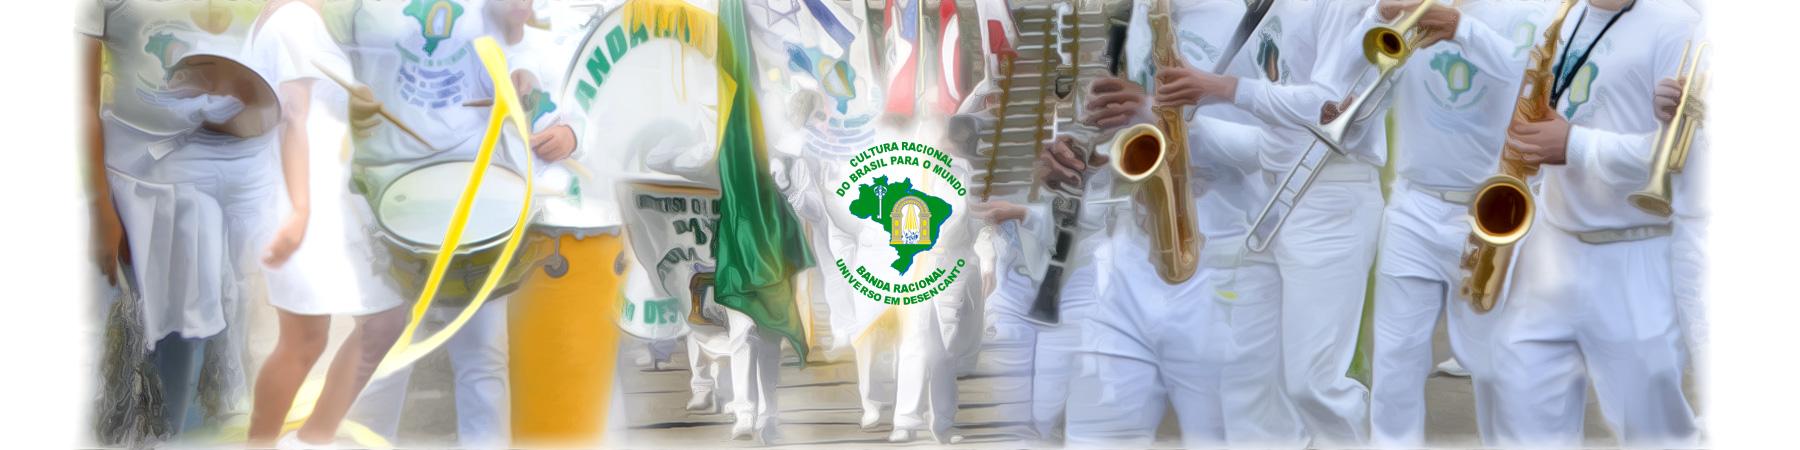 (c) Bandaracional.com.br